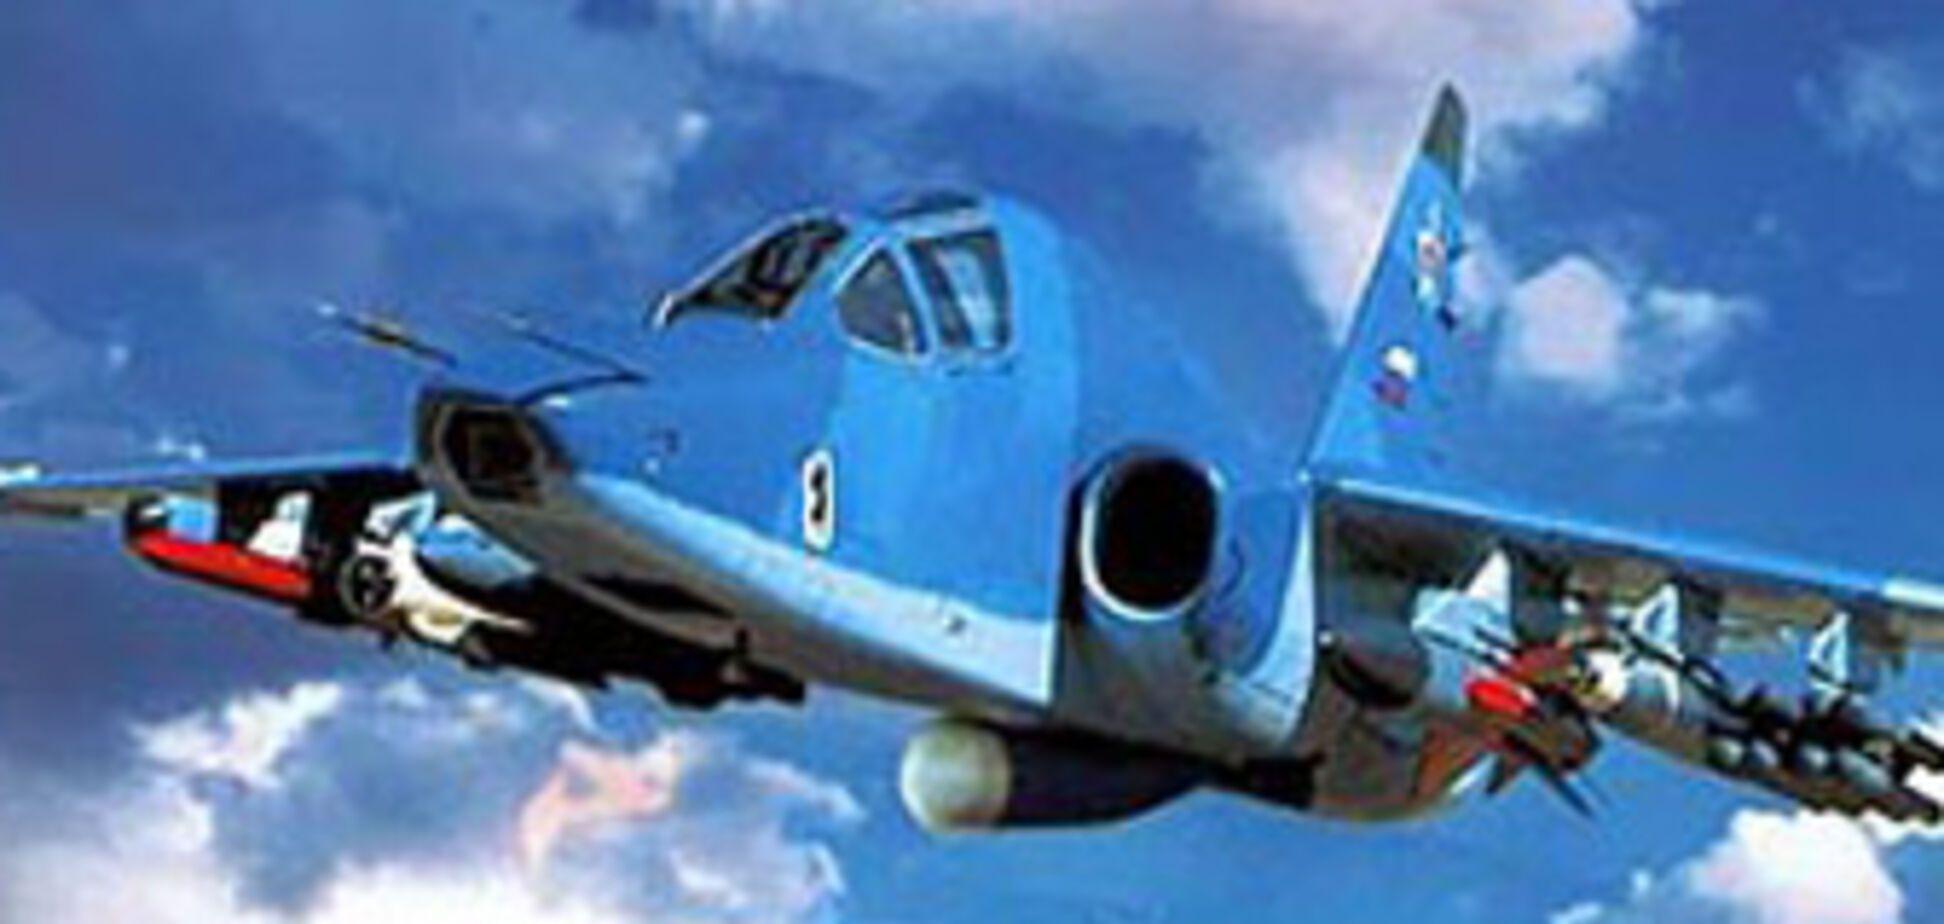 Авіакатастрофа в Росії, розбився літак СУ-25